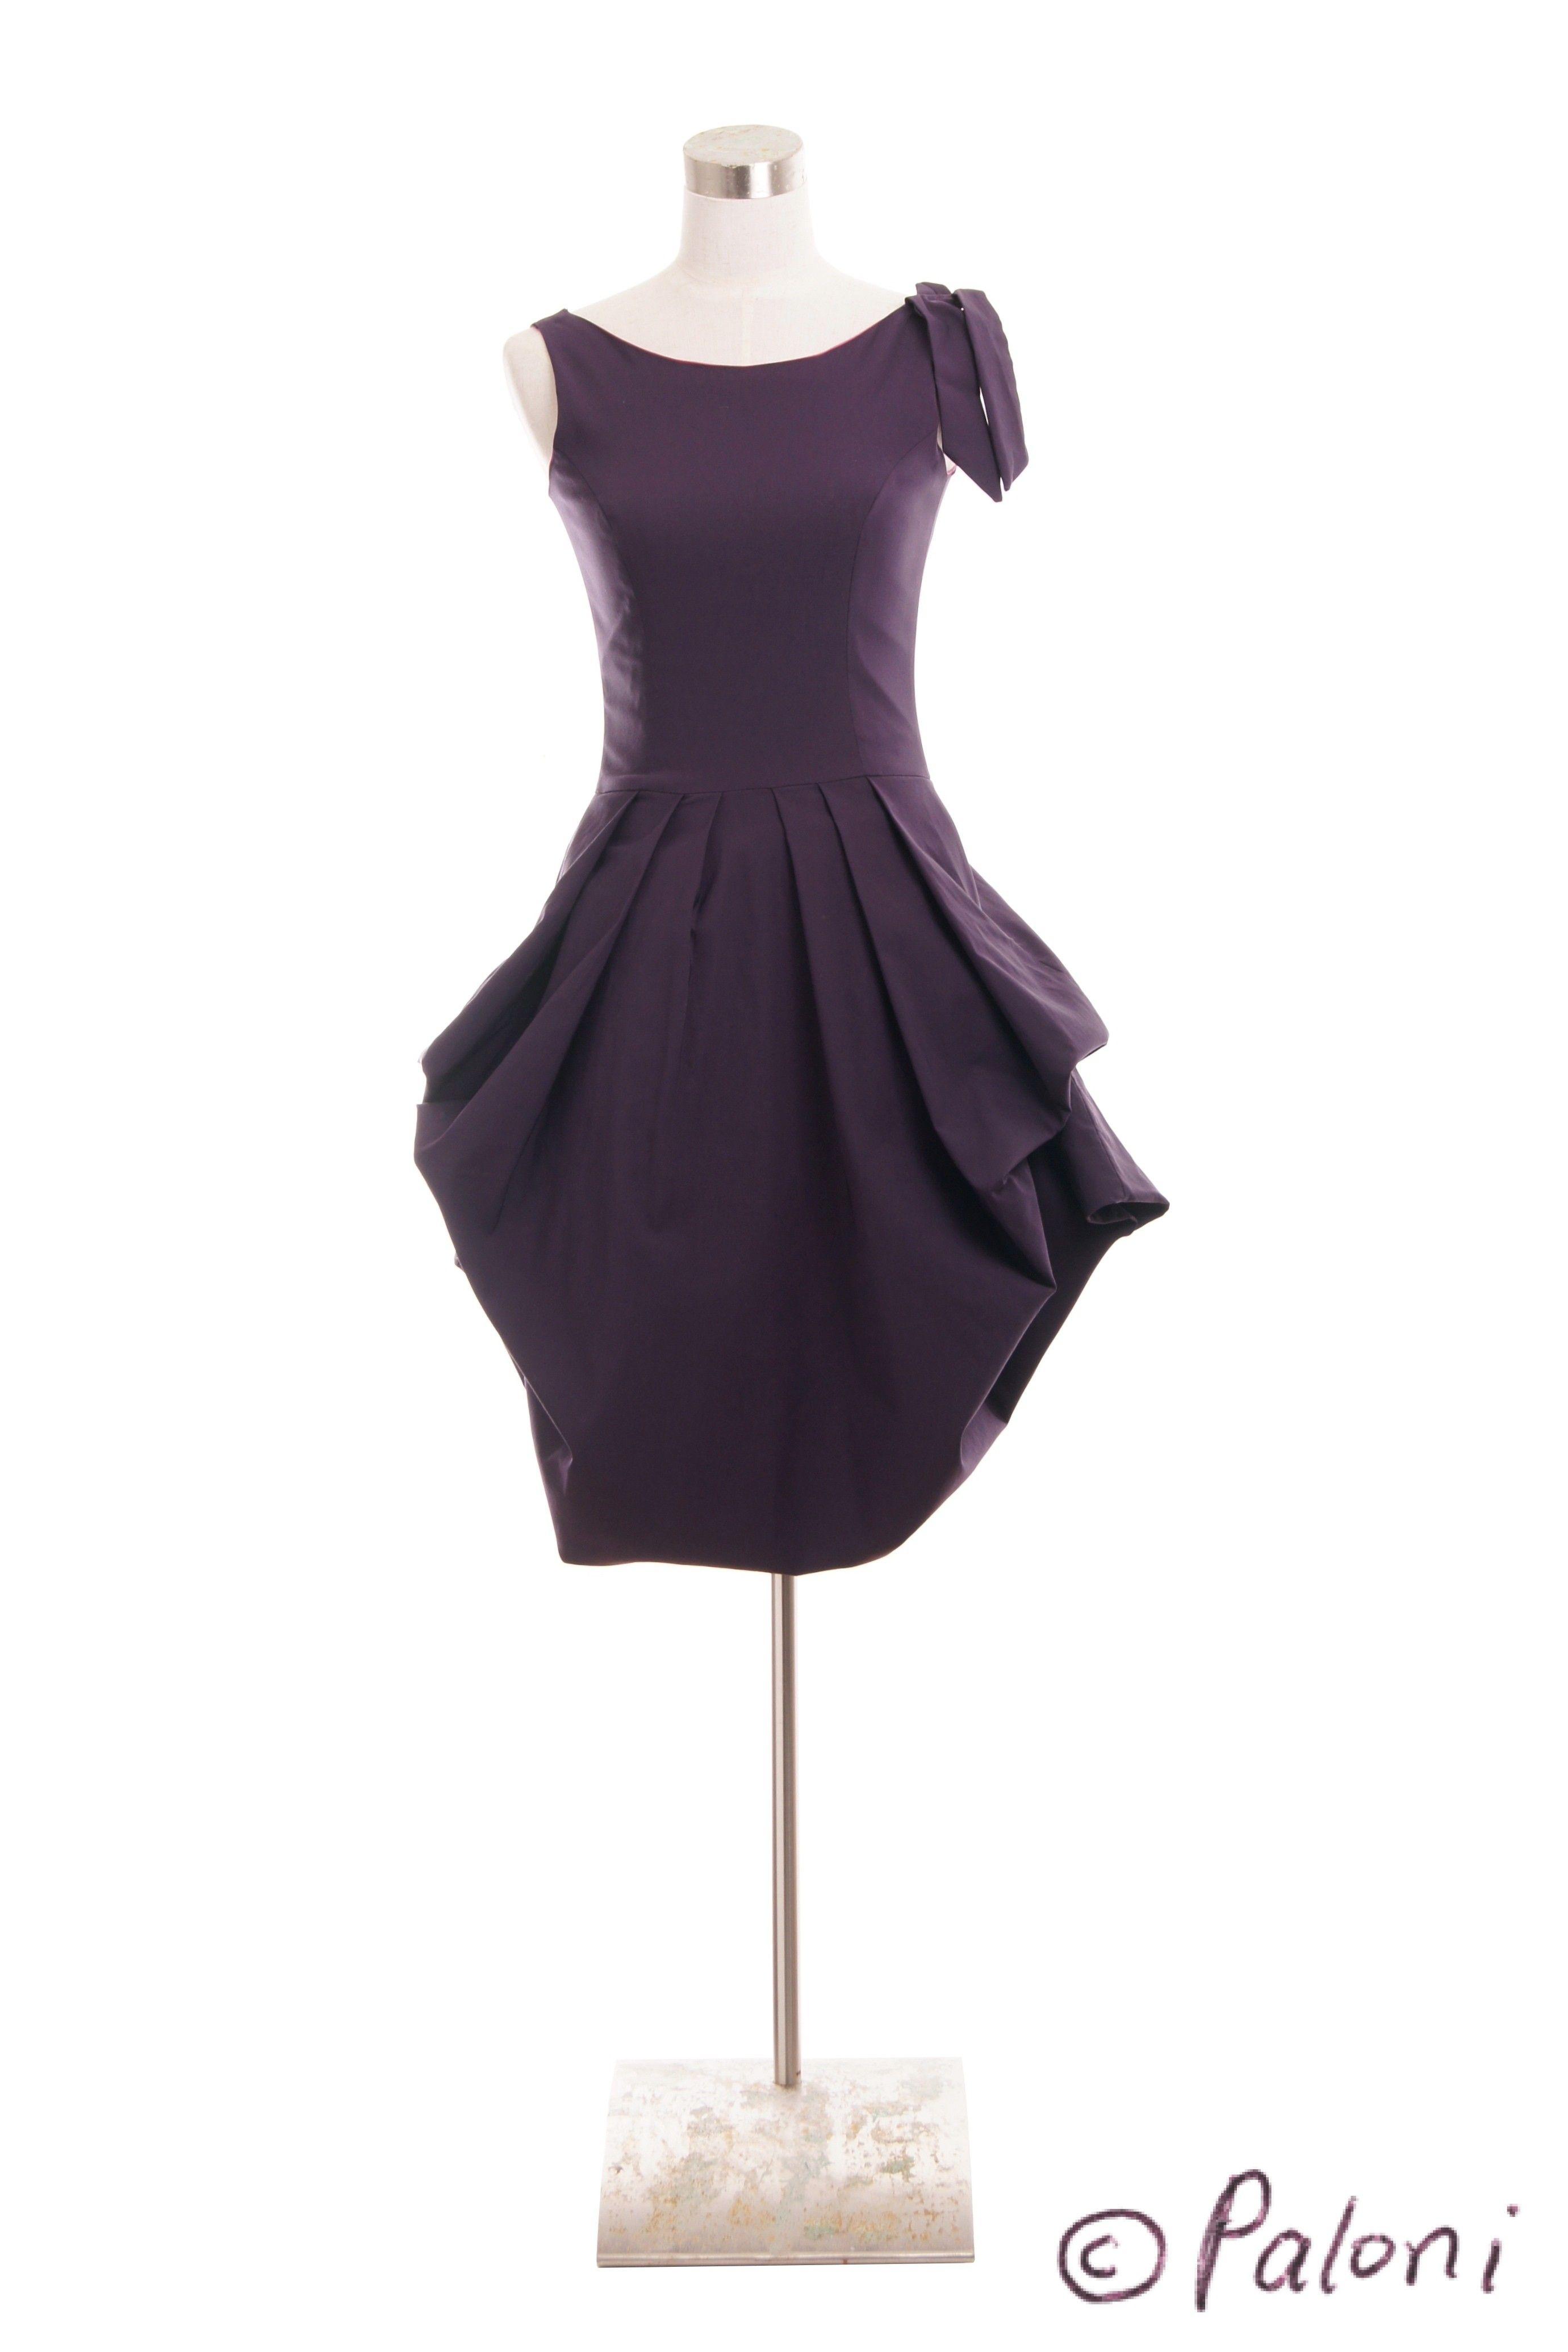 TAUKO Viuhka mekko